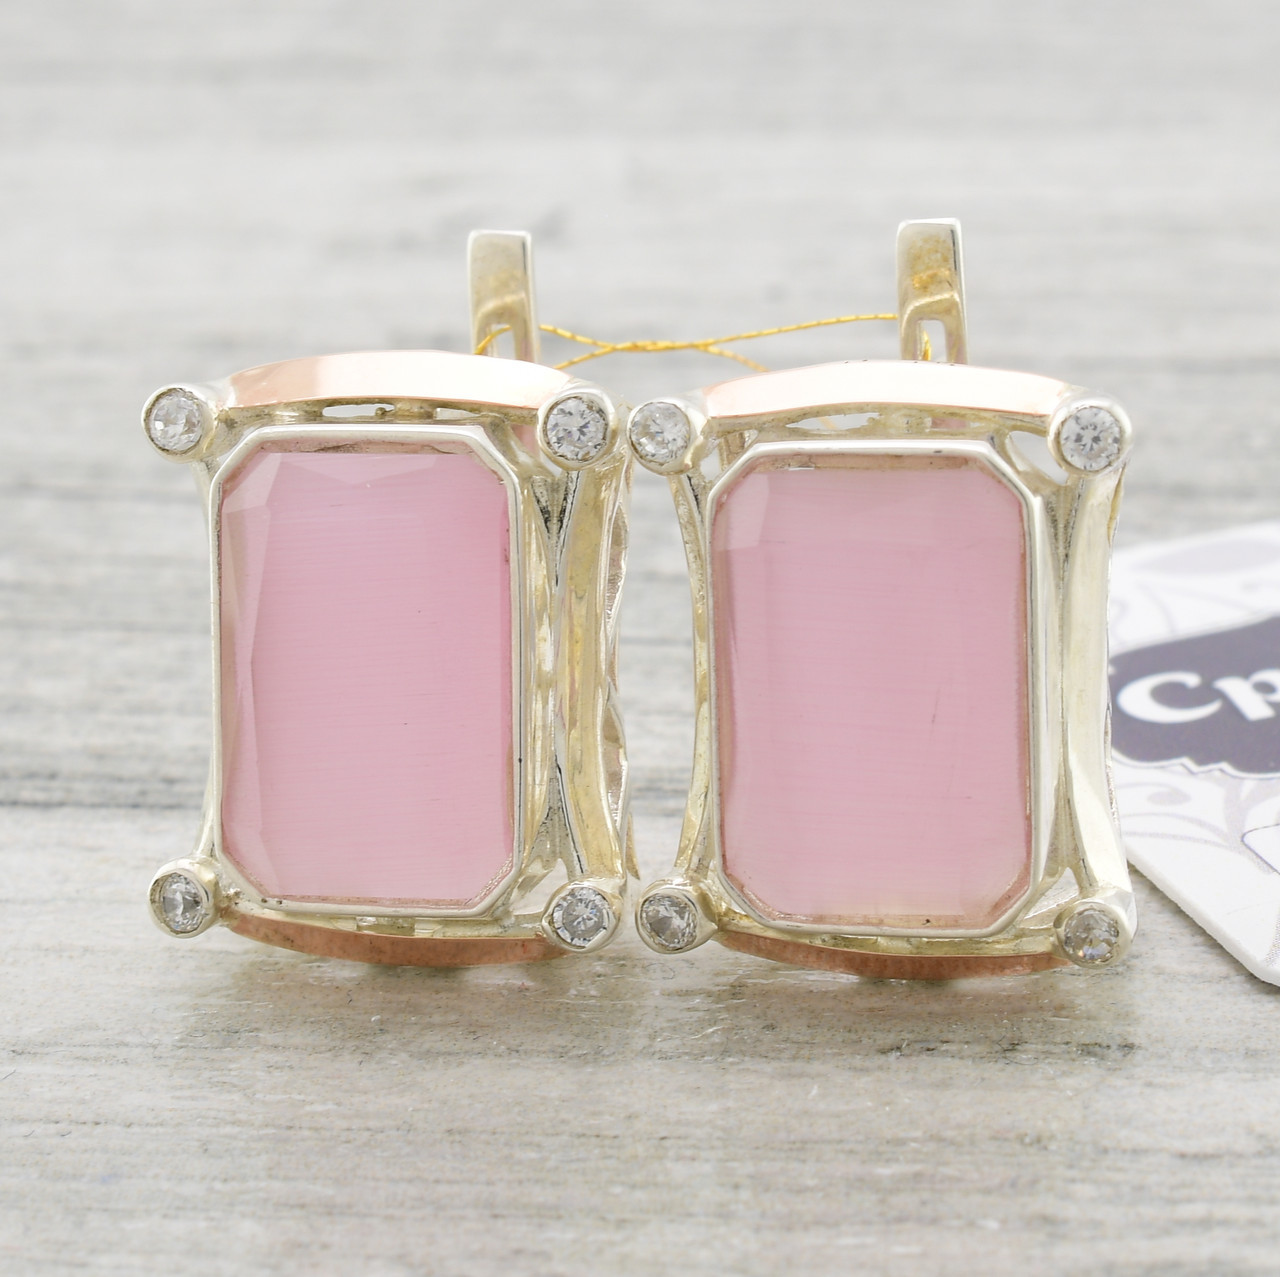 Серебряные серьги с золотыми пластинами Глория размер 21х17 мм вставка розовый улексит вес 12.7